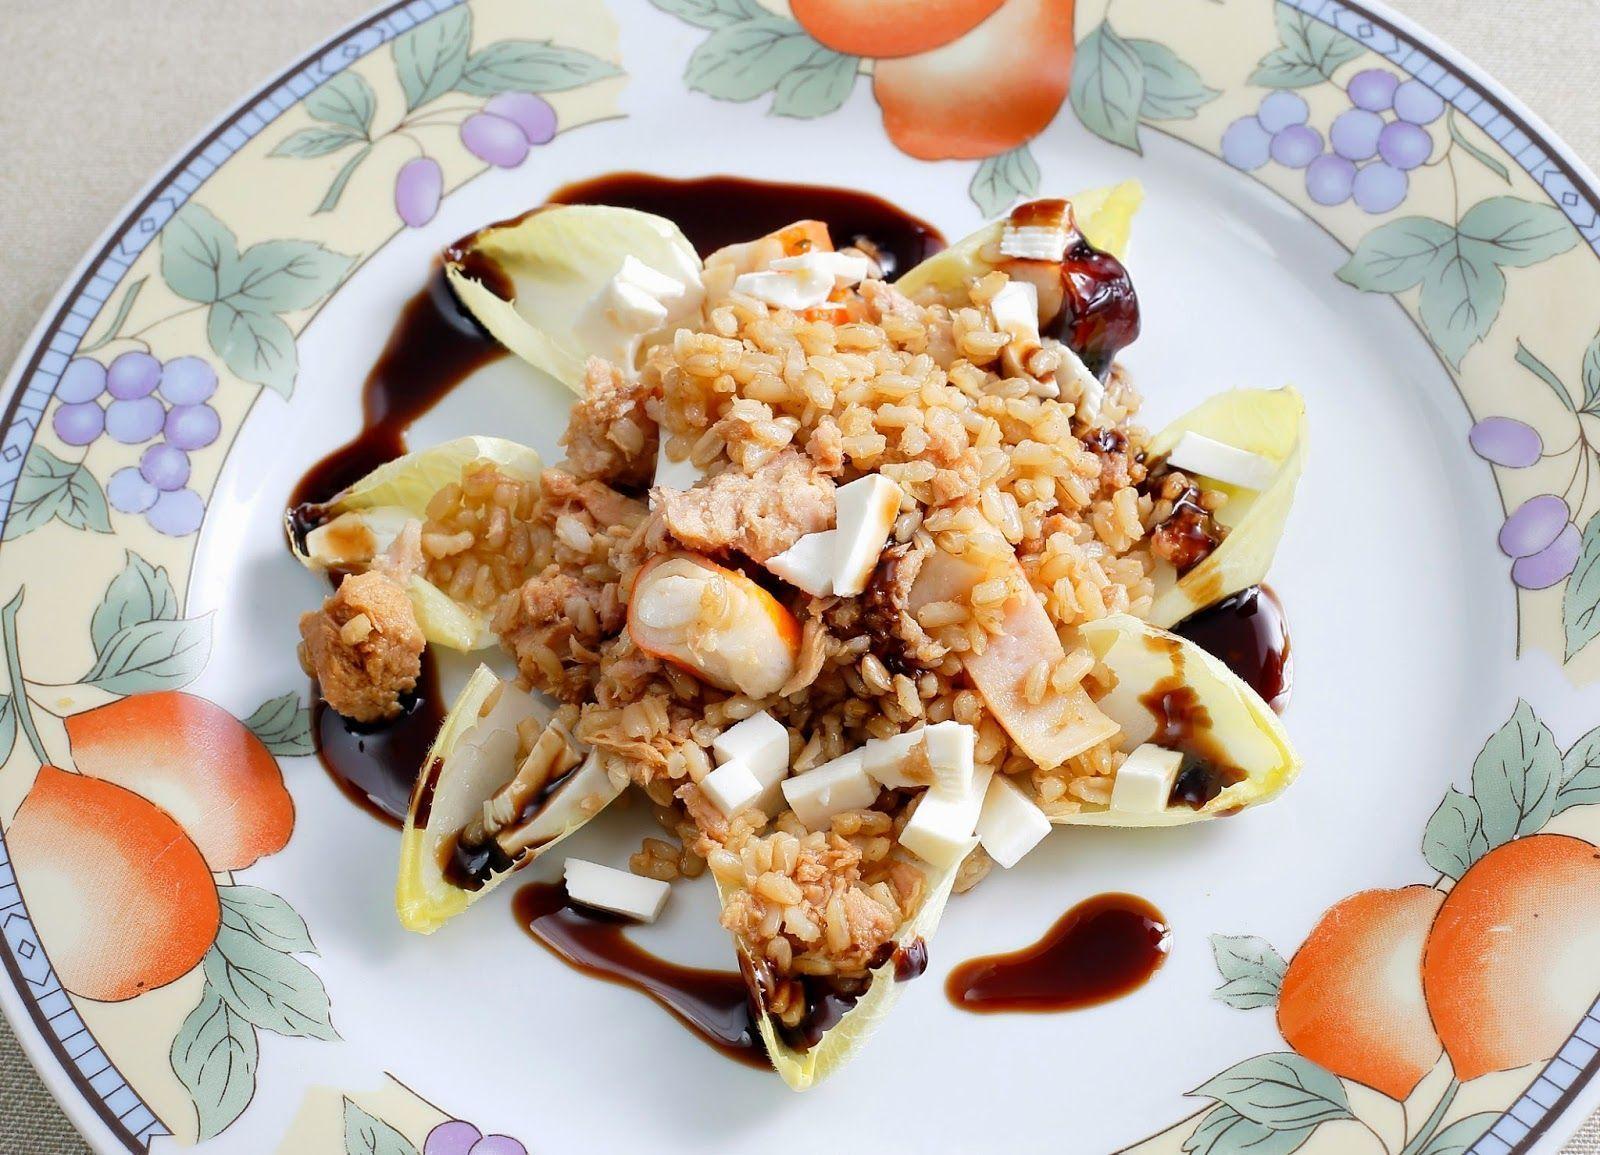 ensalada de arroz integral con vinagreta de soja y mostaza tienda ecologica zaragoza